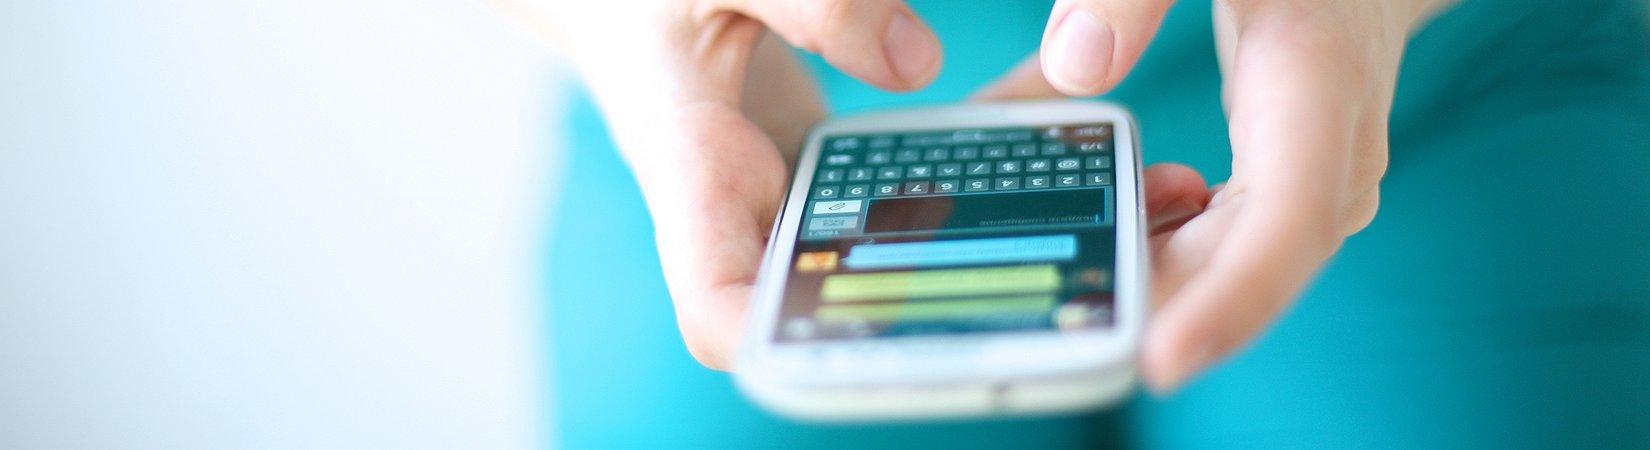 Российские операторы отказываются от СМС